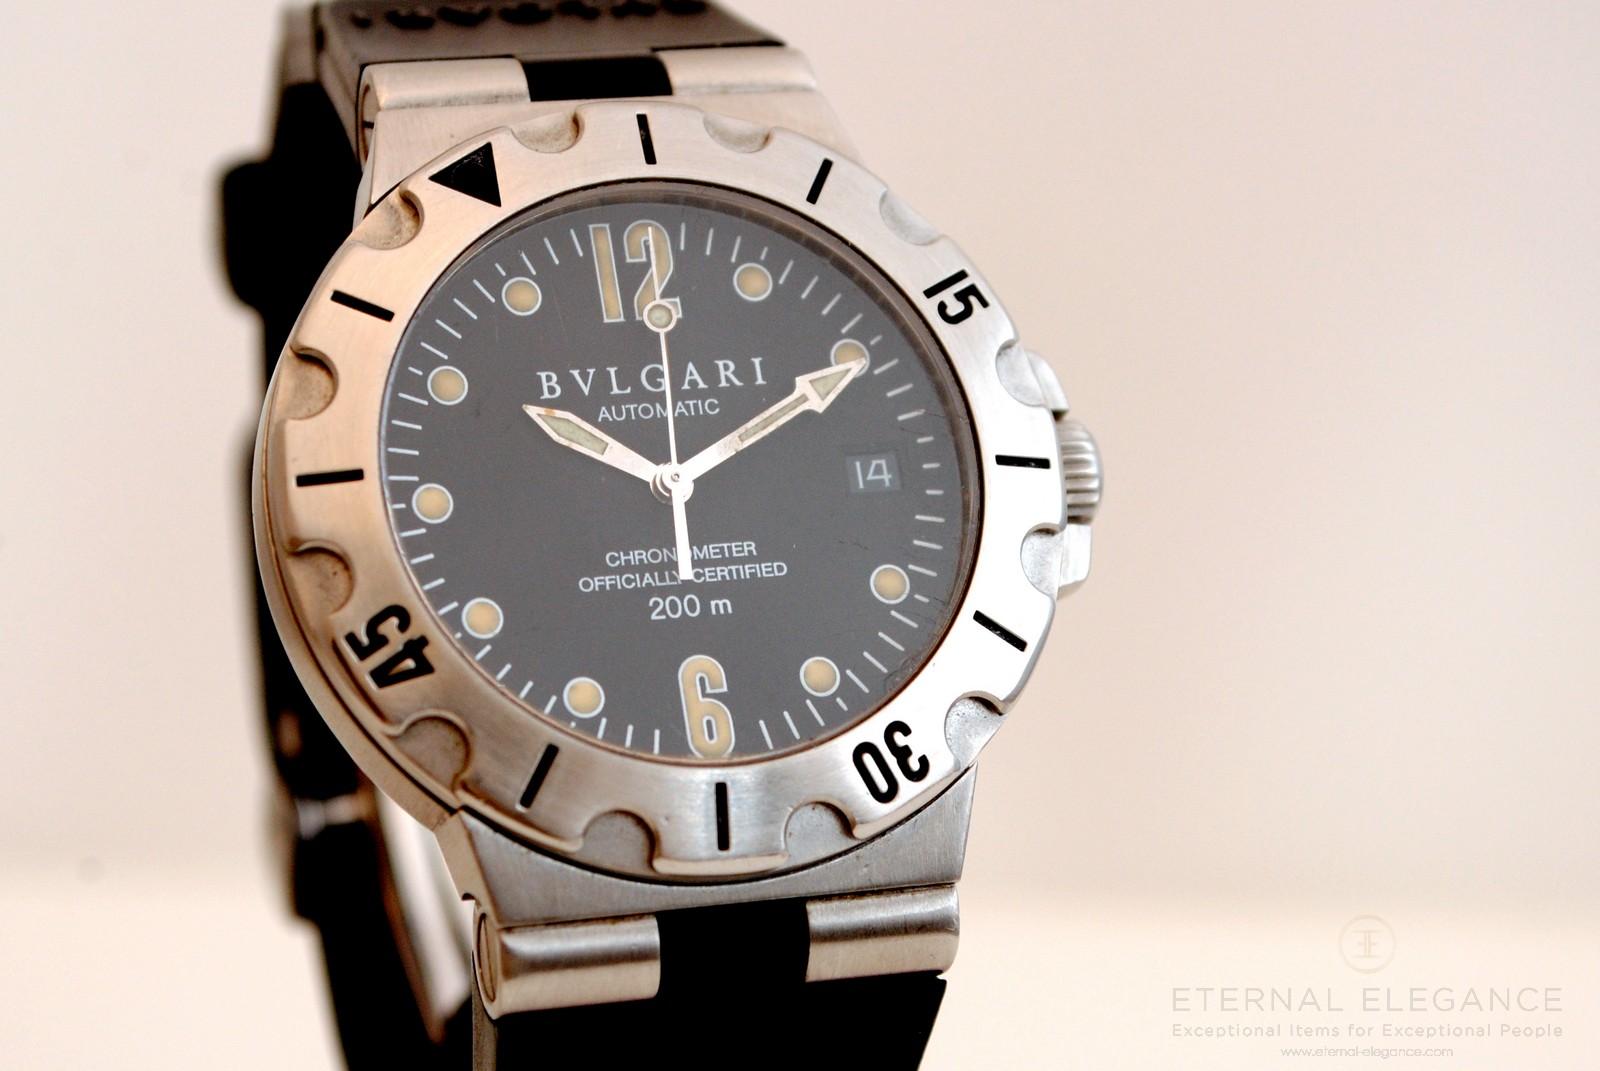 ddad0987187 Bvlgari Diagono Scuba Steel COSC Automatic Mens Watch SD38S